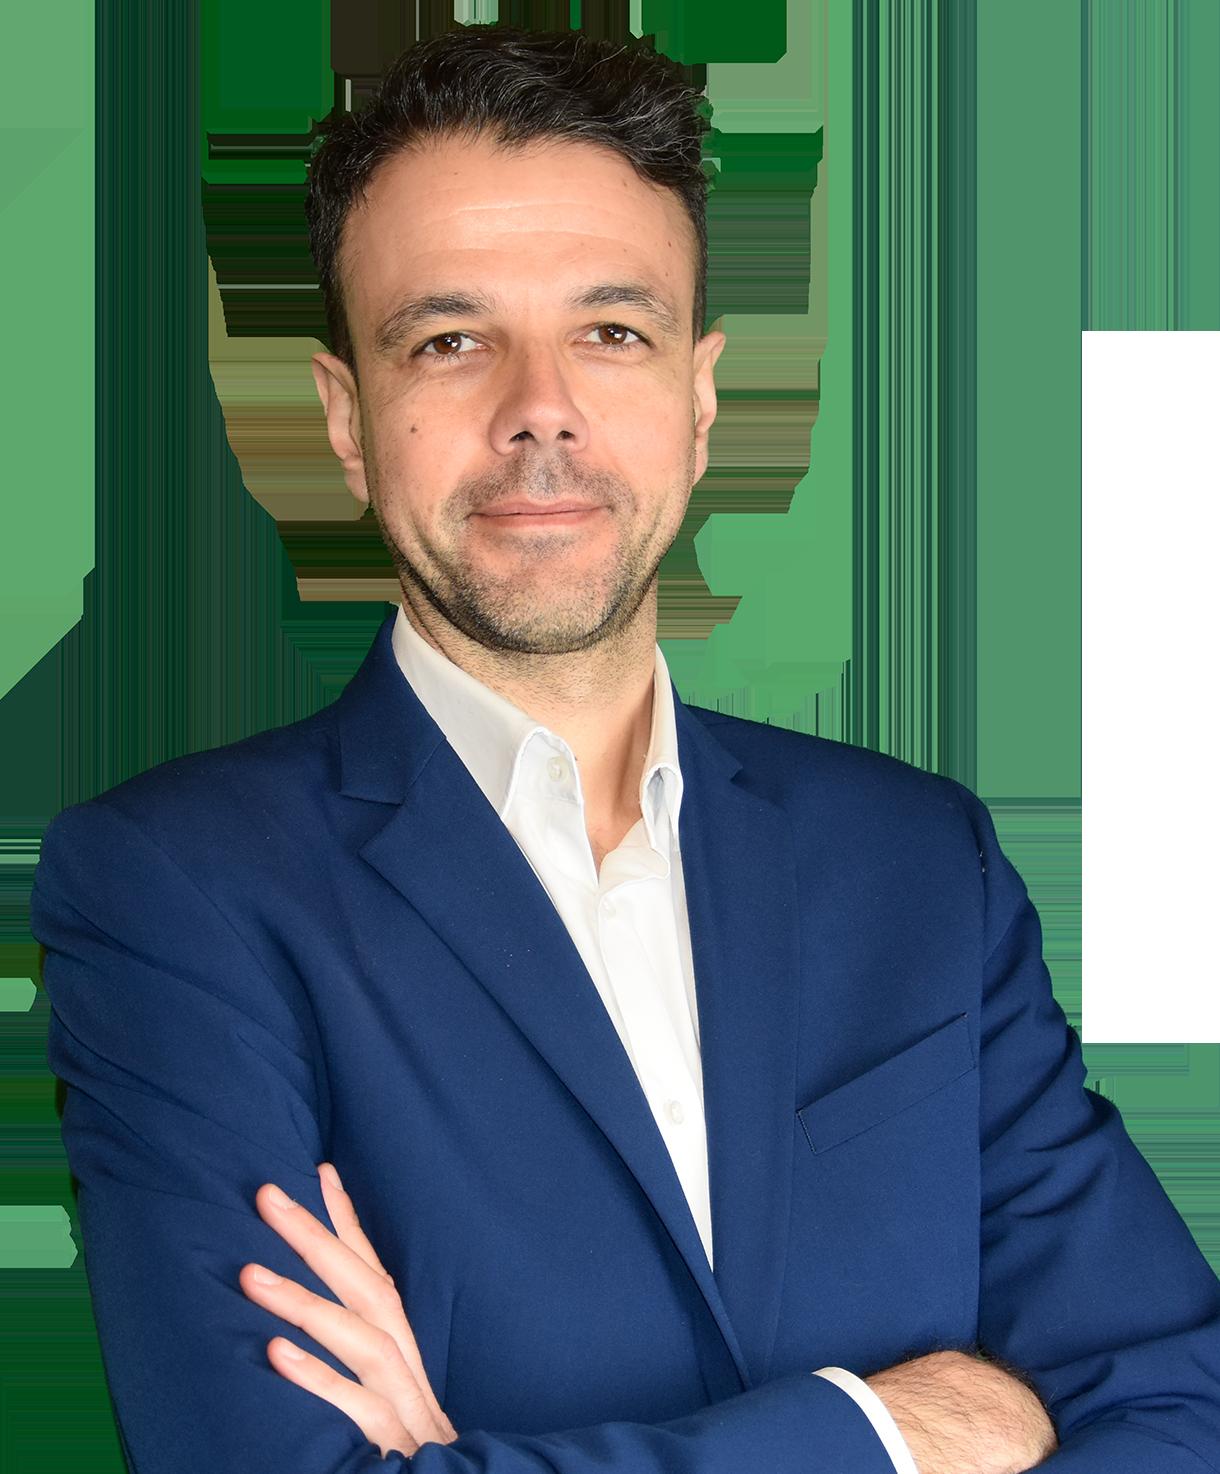 Marco Palombo